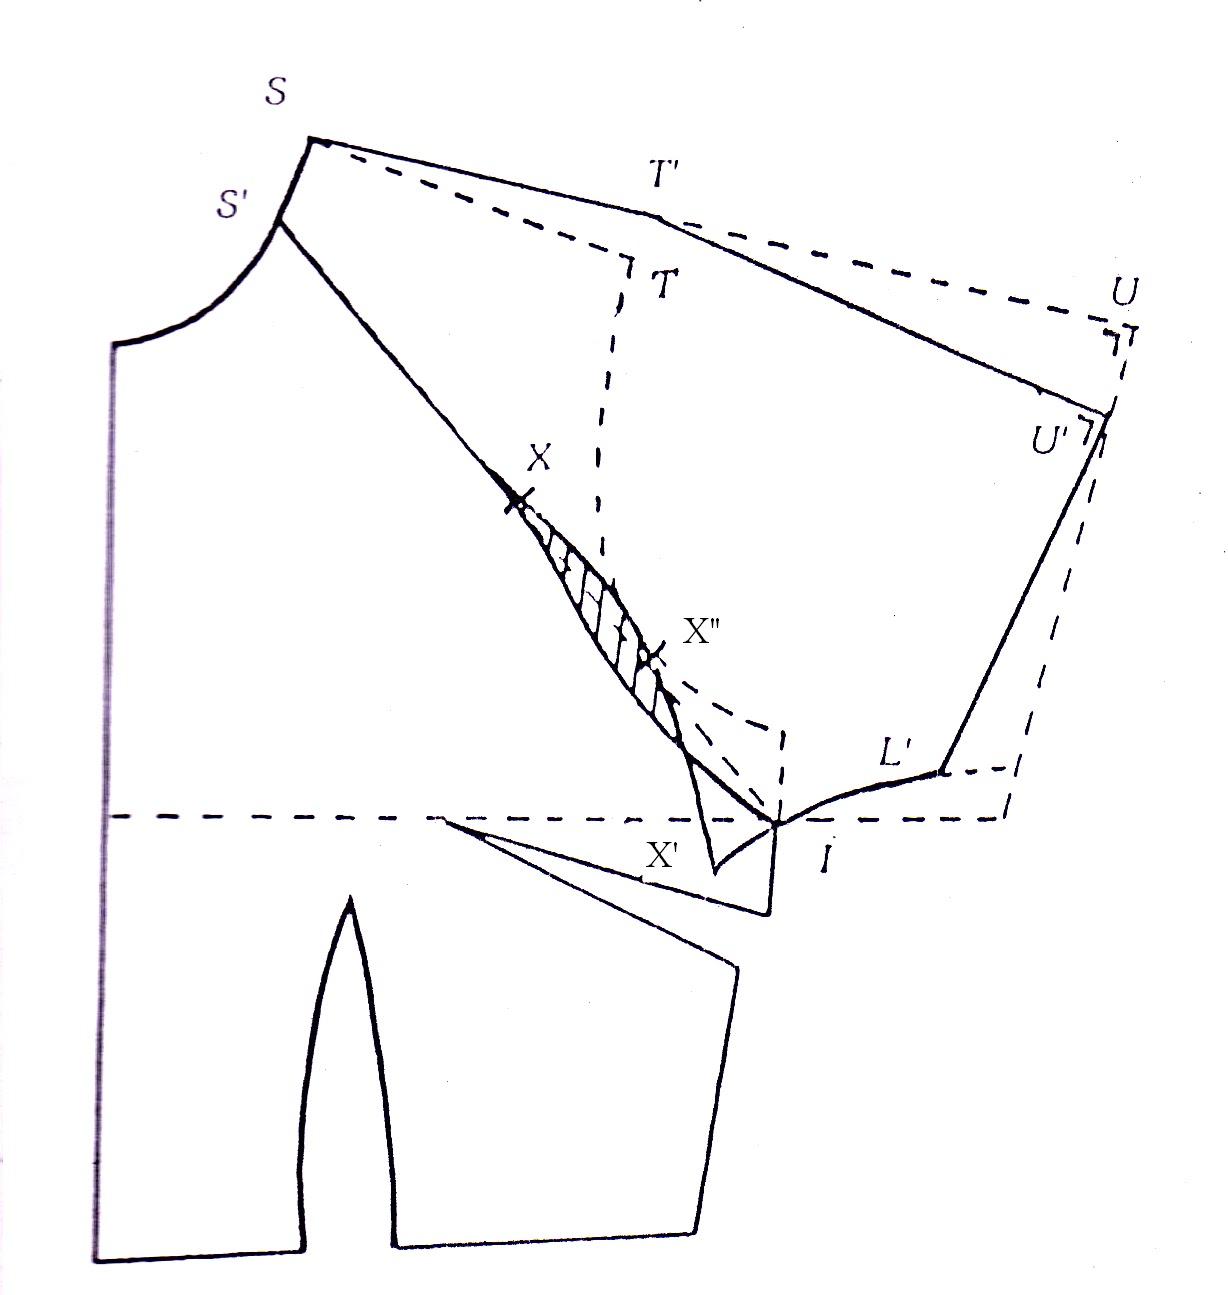 Cara Membuat Pola Lengan Raglan Danitailor